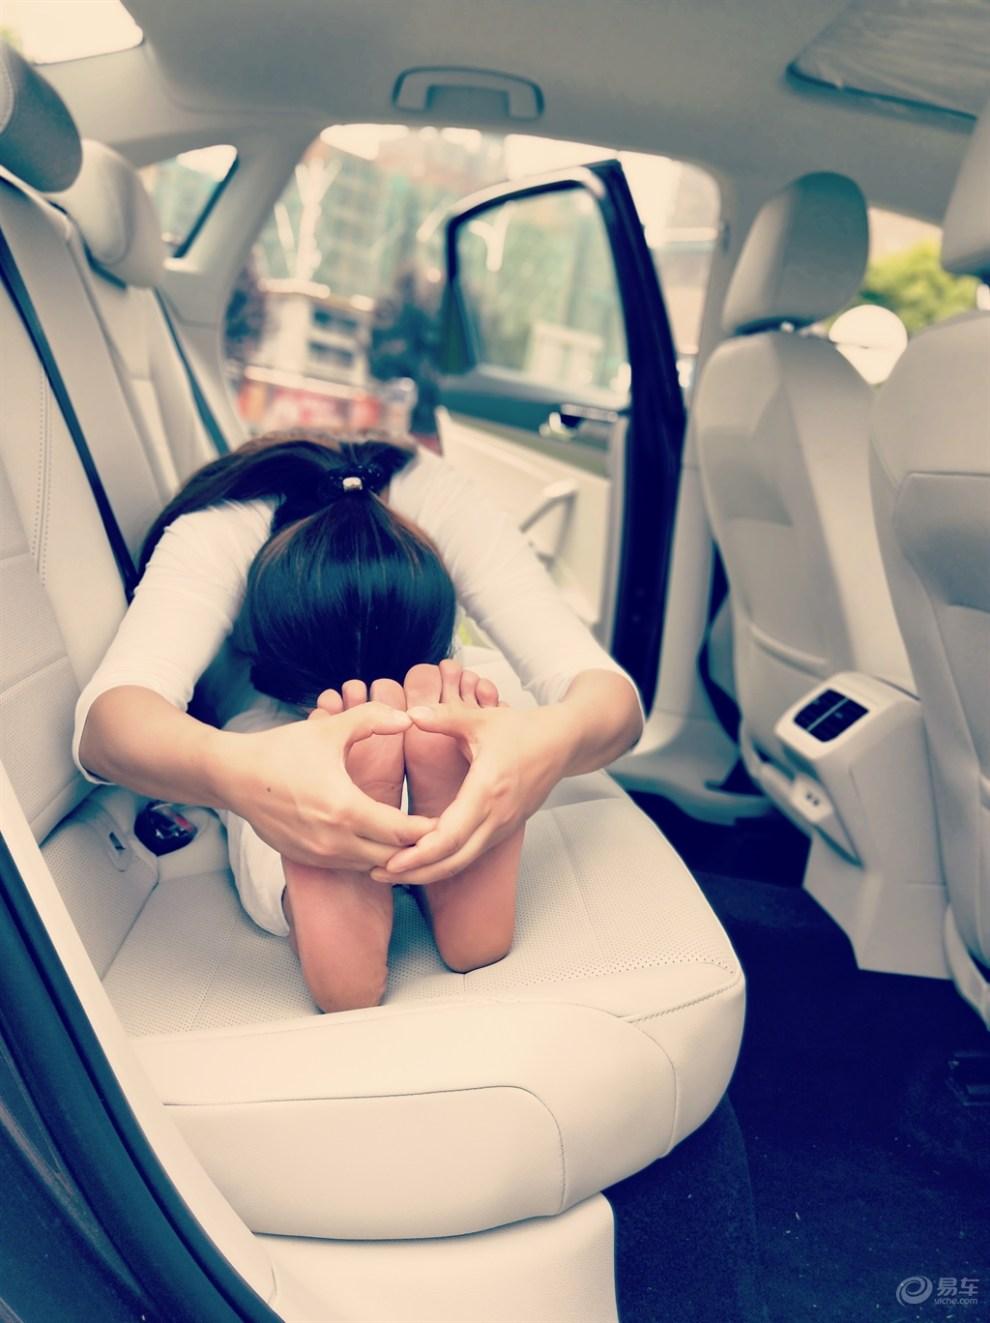 【柔美瑜伽,禅意生活】媳妇当车模 与朗逸plus上演身体